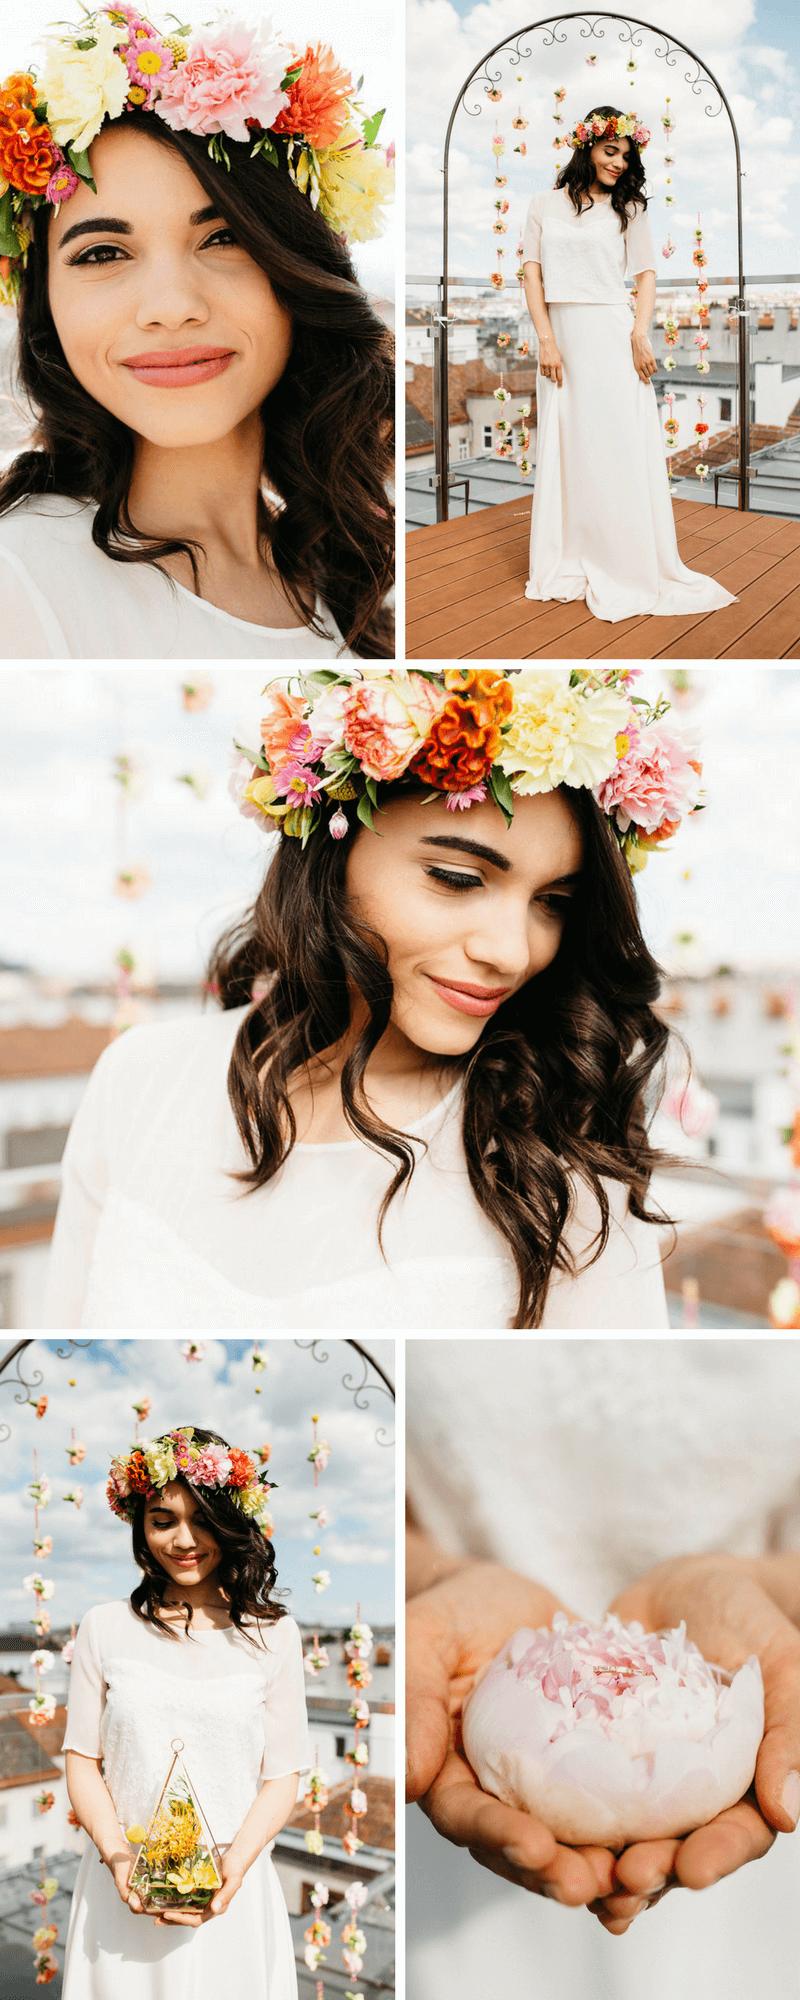 Sommerhochzeit, Hochzeit Urban, Hochzeit im Sommer, Hochzeitsdeko Sommer